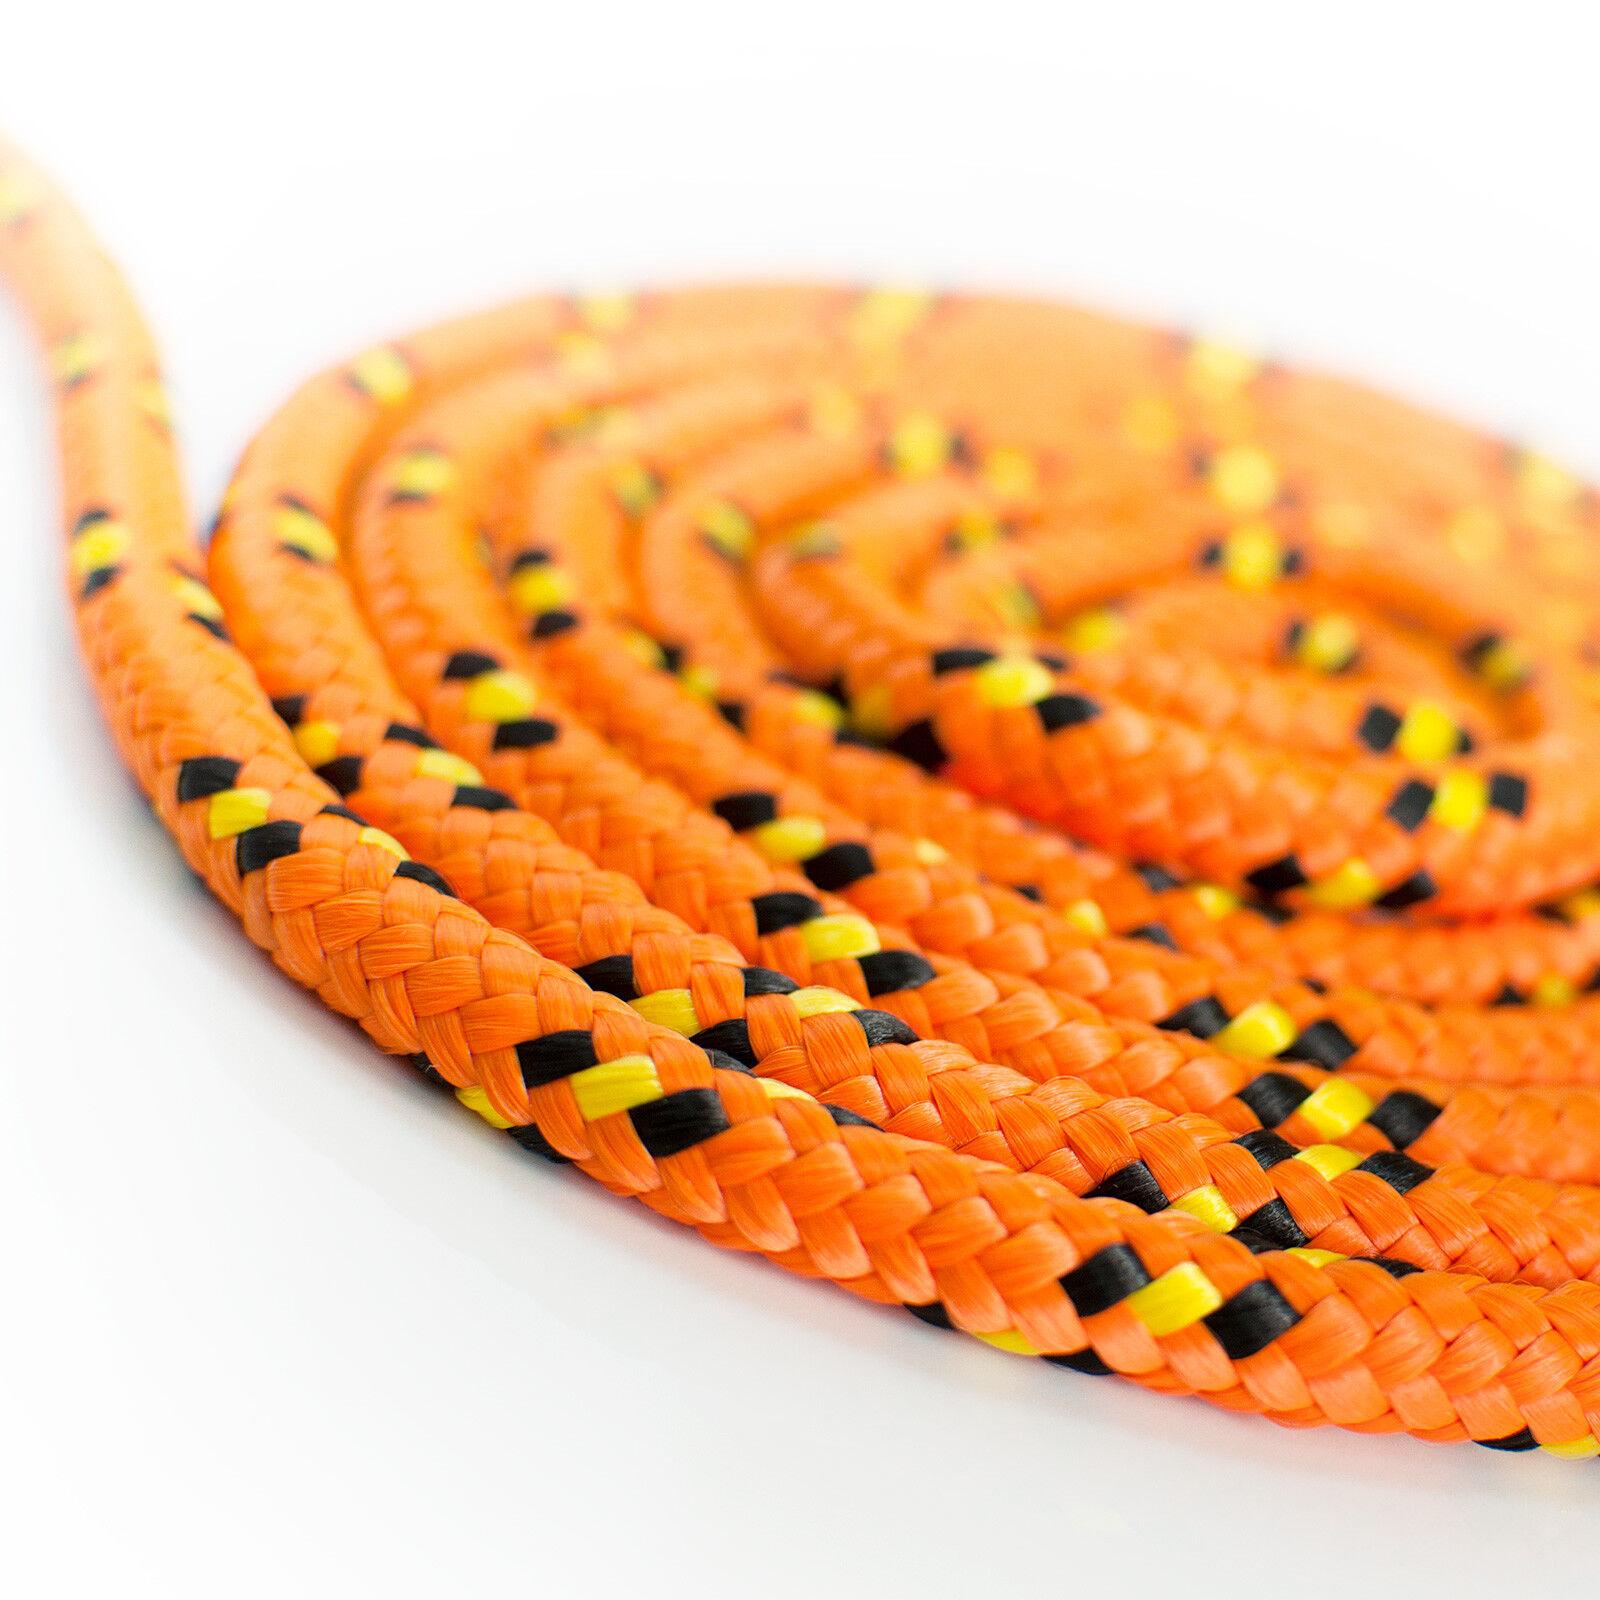 30m SEIL Polypropylen 18mm schwimmfähig Tauwerk Tau Kunststoffseil Seil Orange